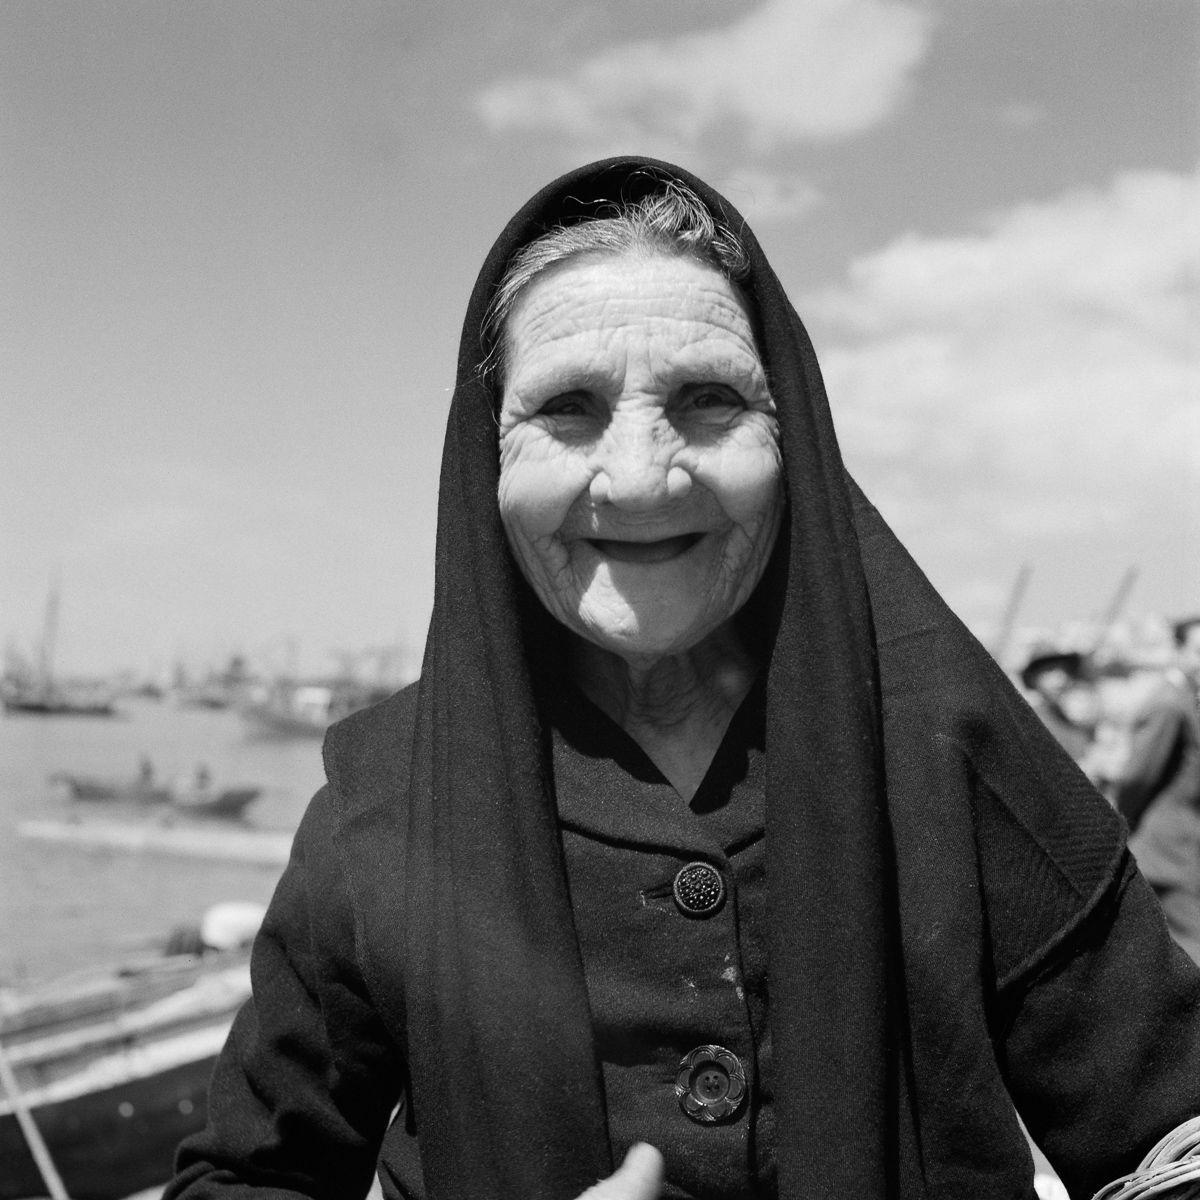 Fotografias deslumbrantes capturam a cultura da pesca dos anos 50 em Portugal 09